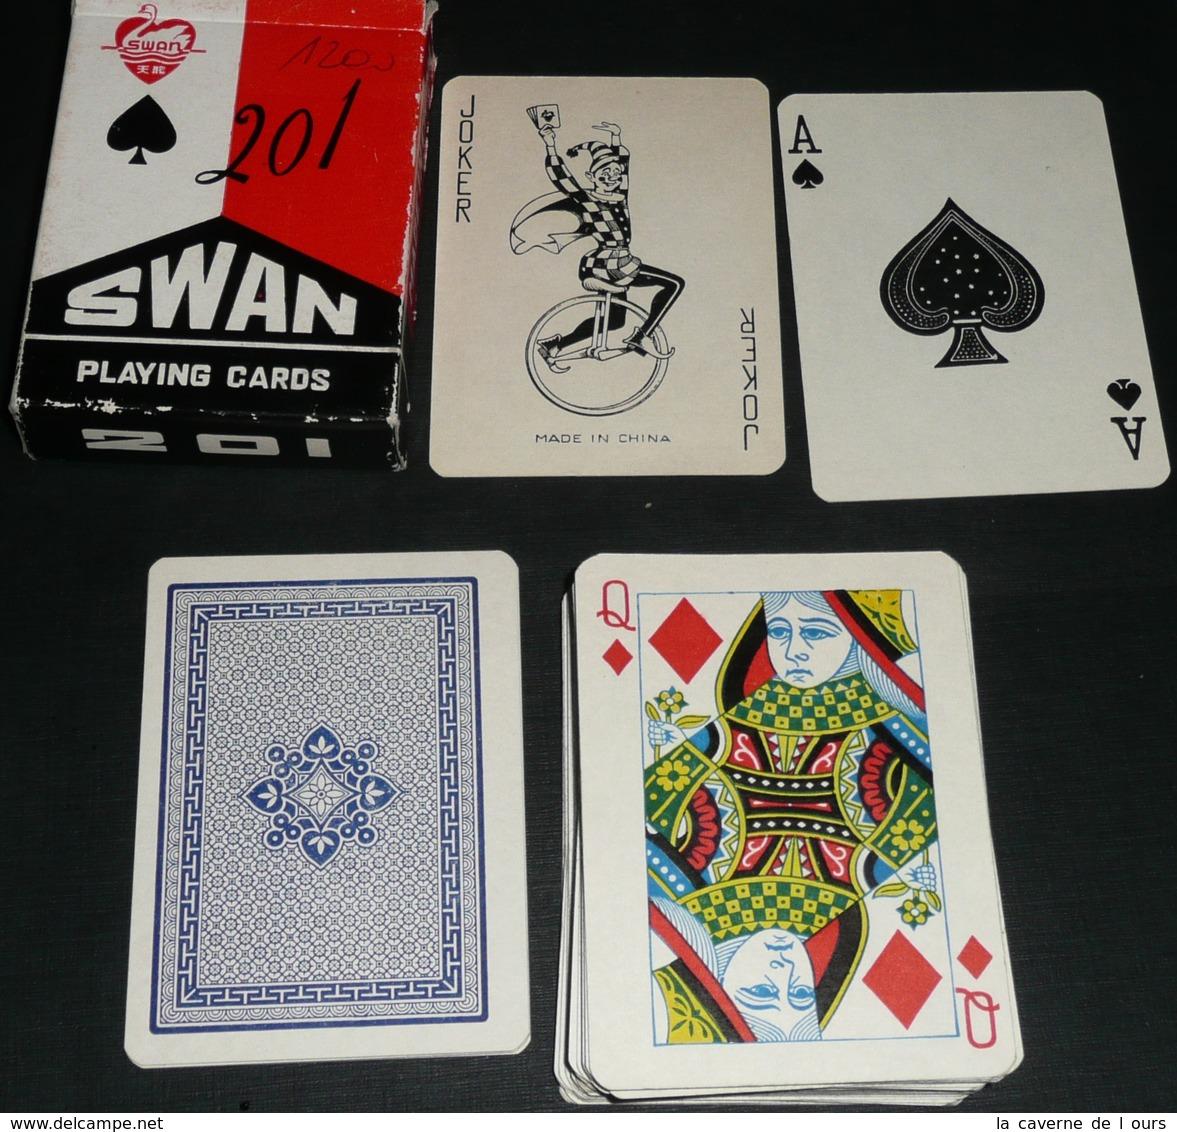 Rare Jeu De 54 Cartes Chinois, Chine Swan 201, Joker Ace Of Spade, As De Pique - Jeux De Société